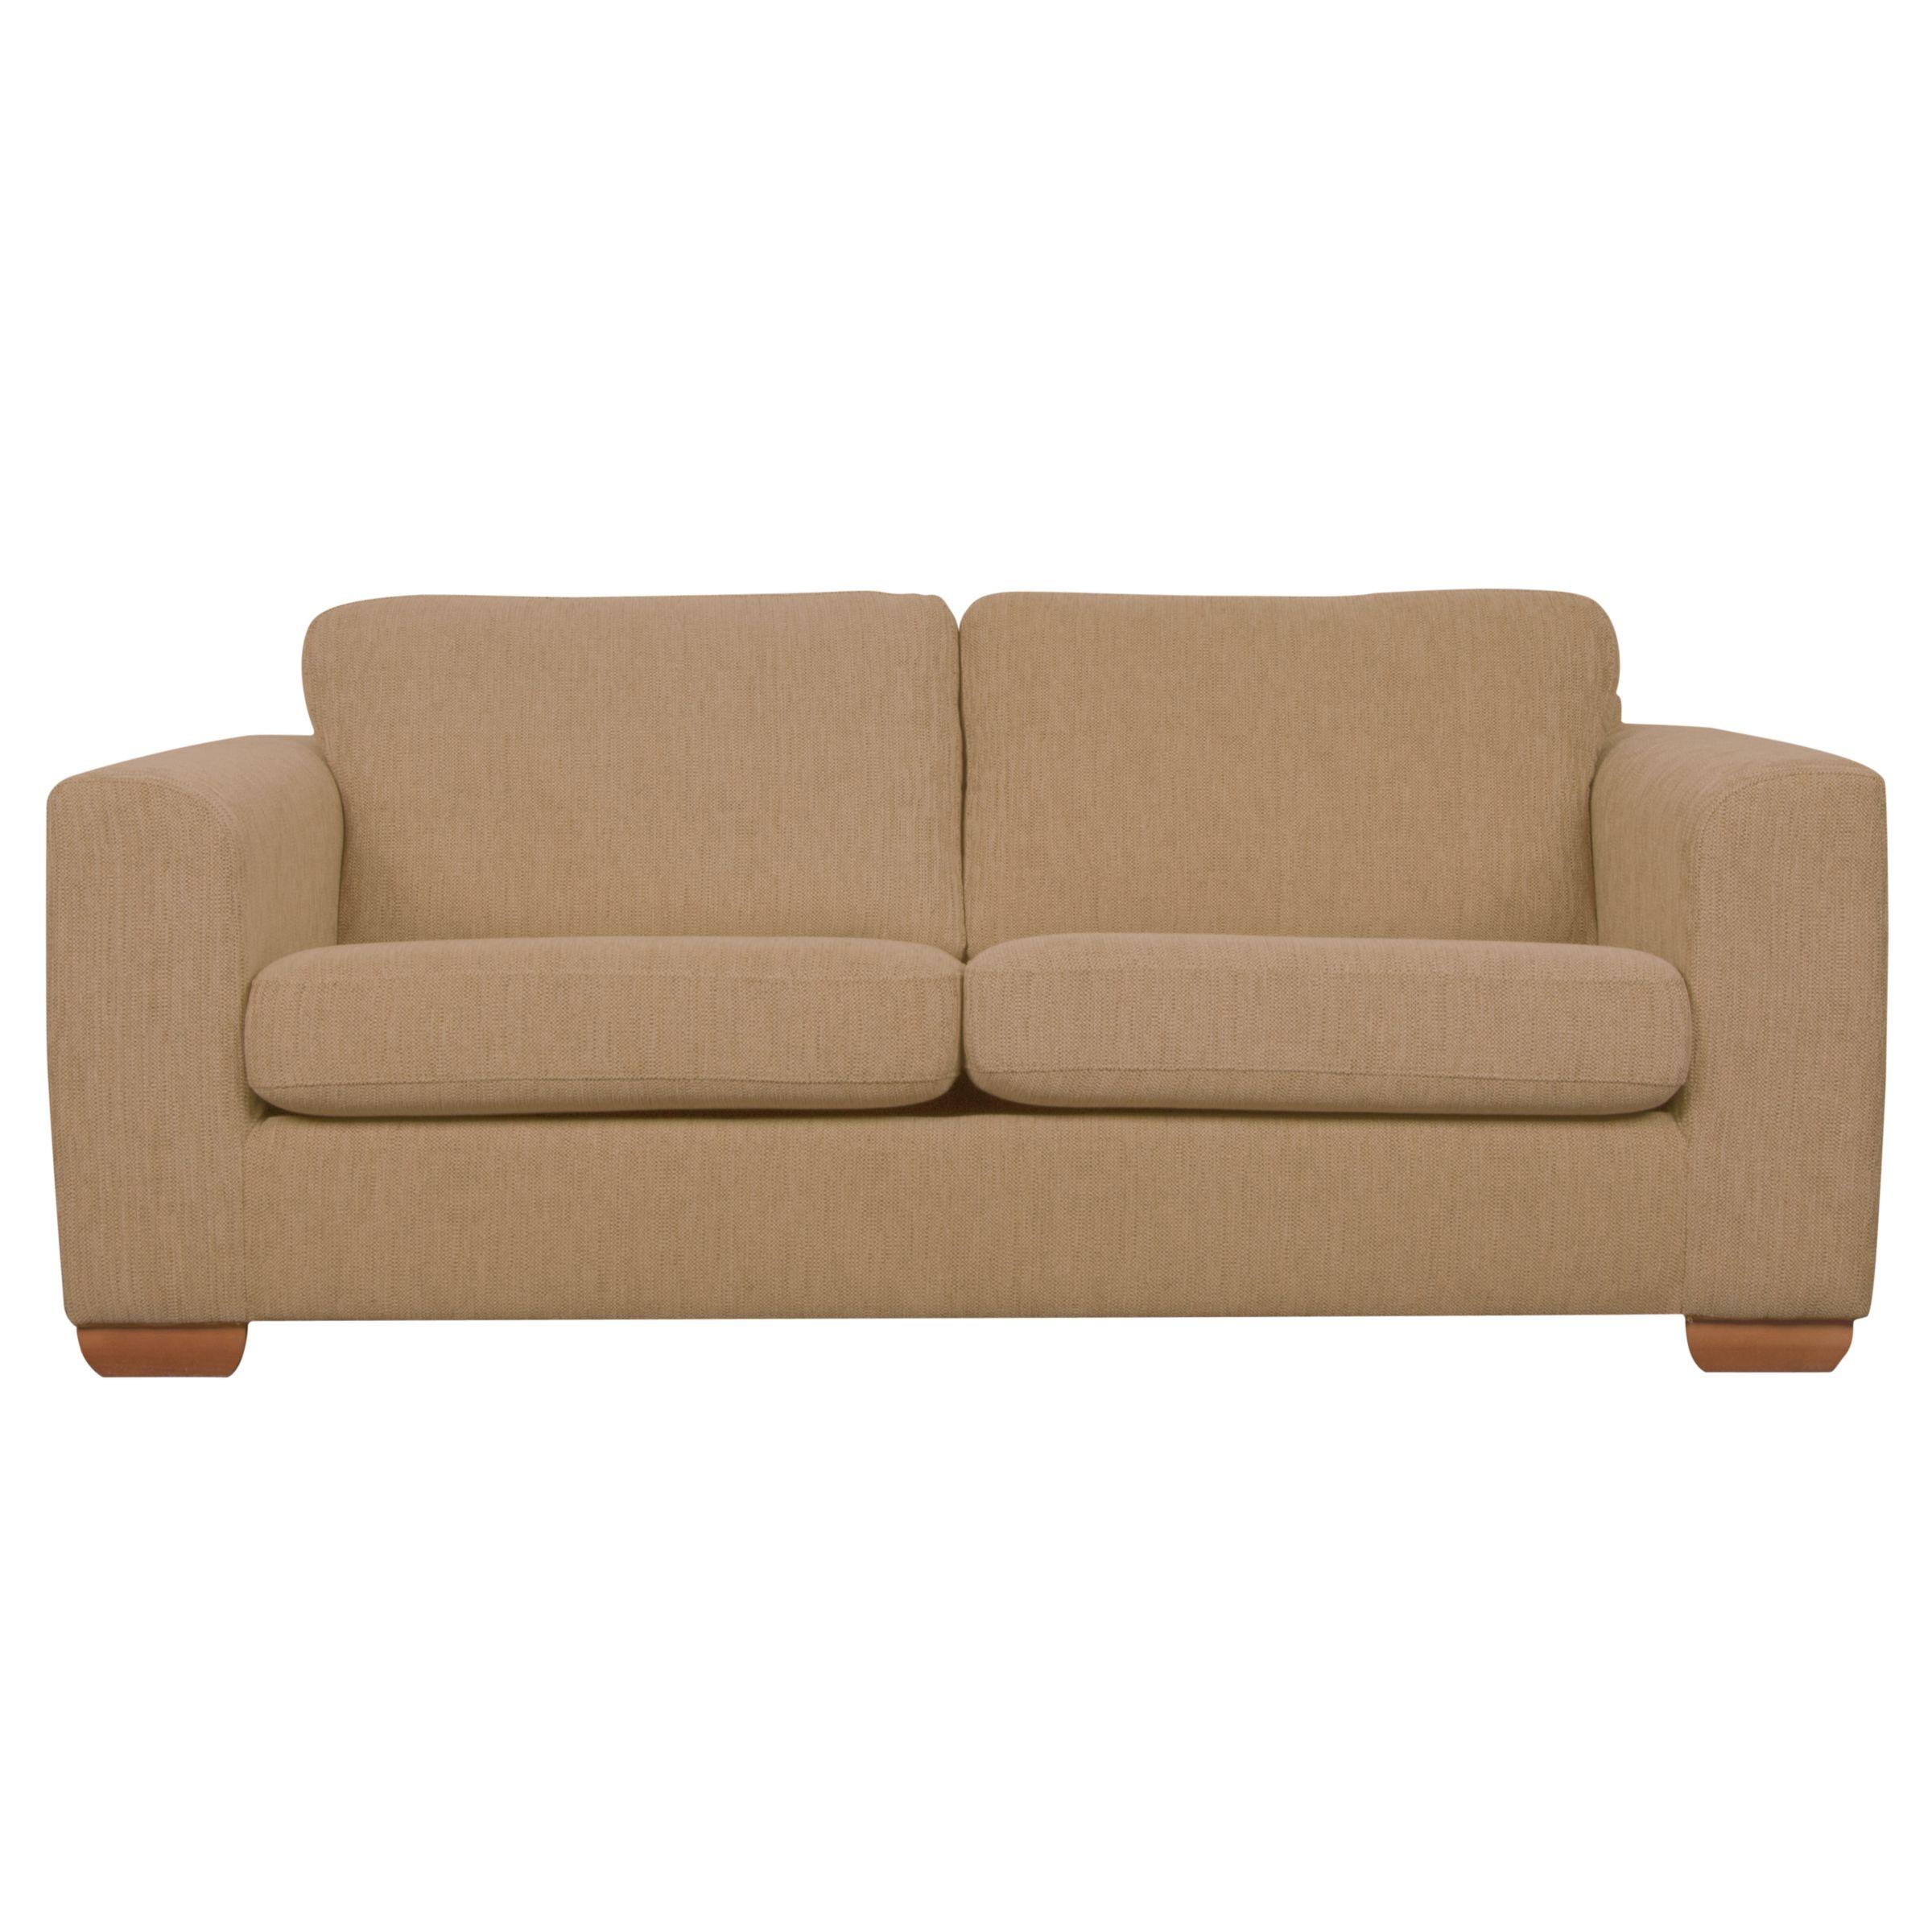 John Lewis Sofa Beds